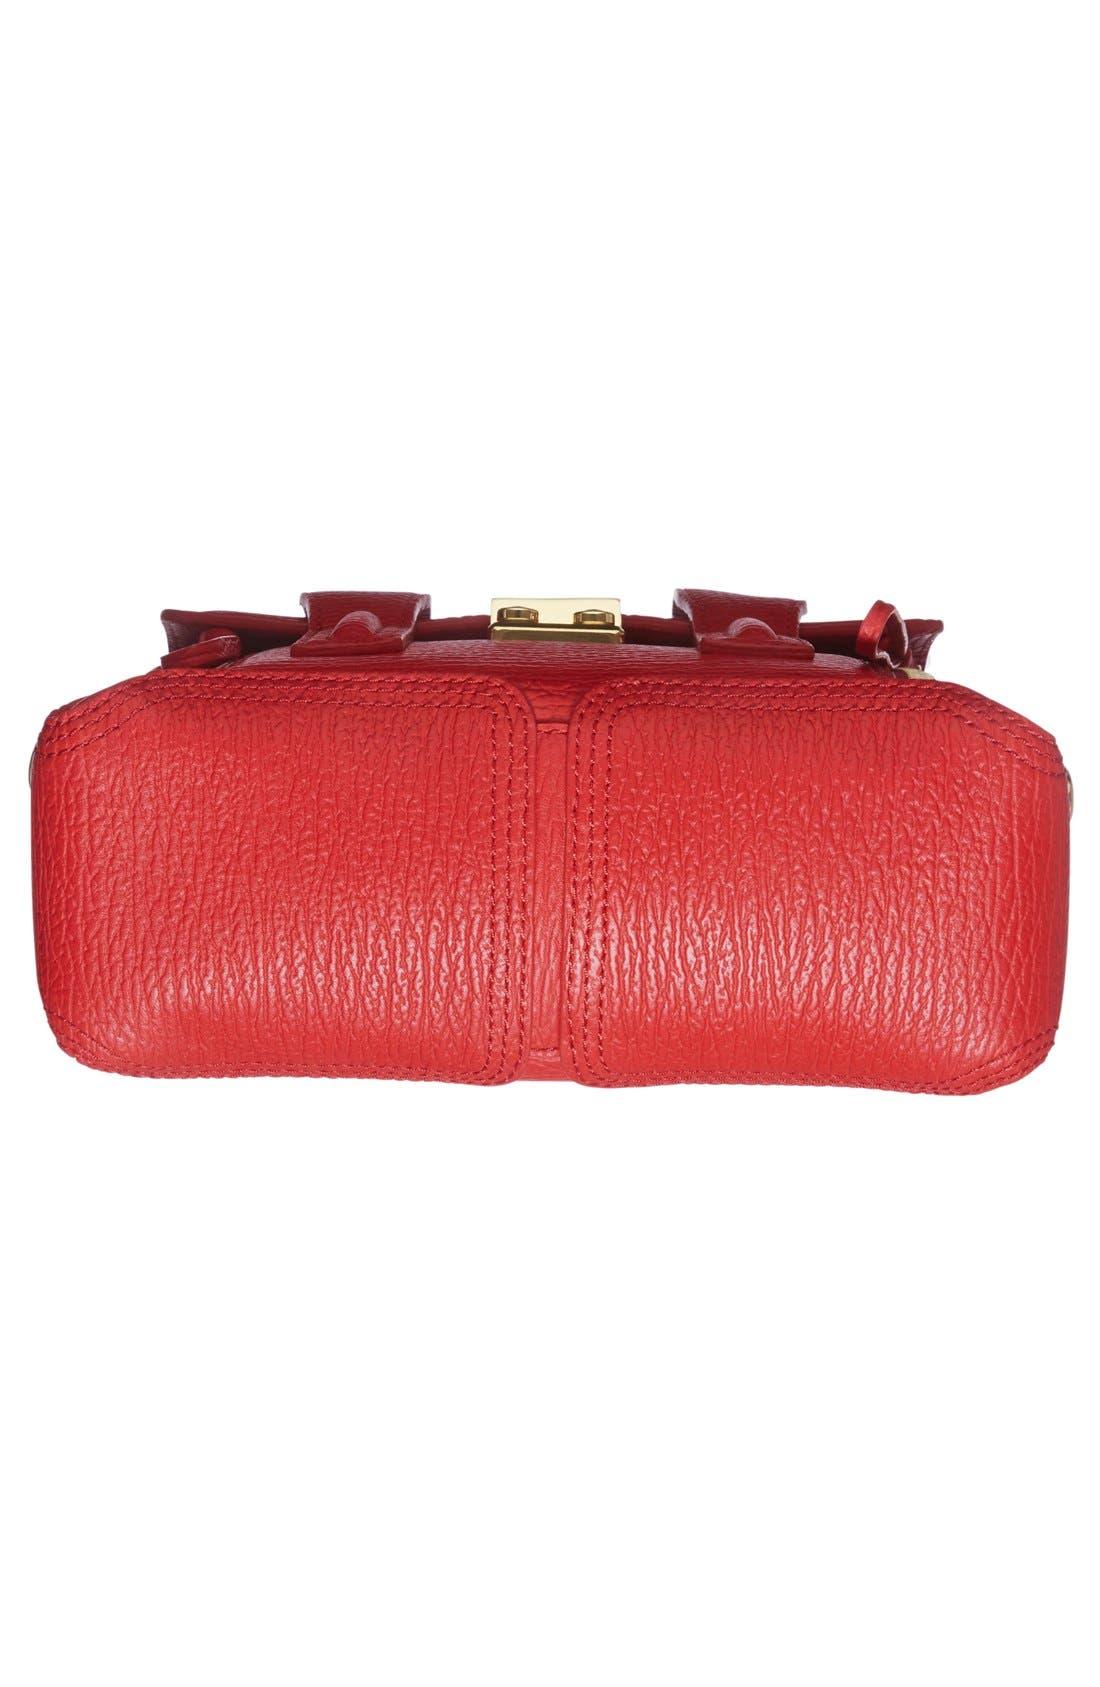 3.1 PHILLIP LIM, 'Mini Pashli' Leather Satchel, Alternate thumbnail 6, color, 600